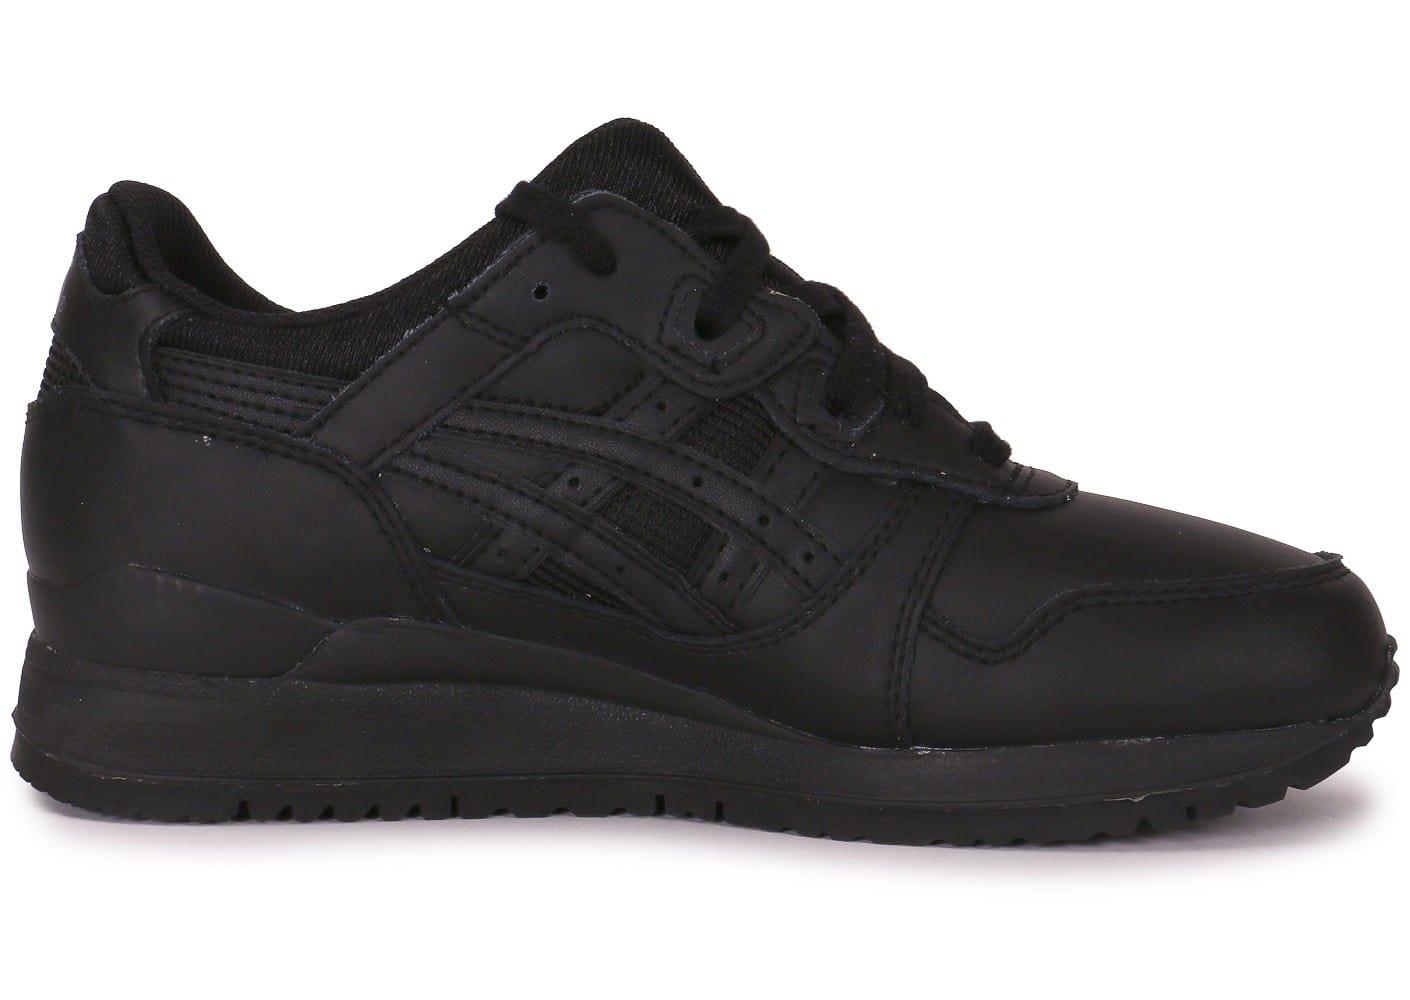 Chaussures running asics gel ziruss homme noir asics